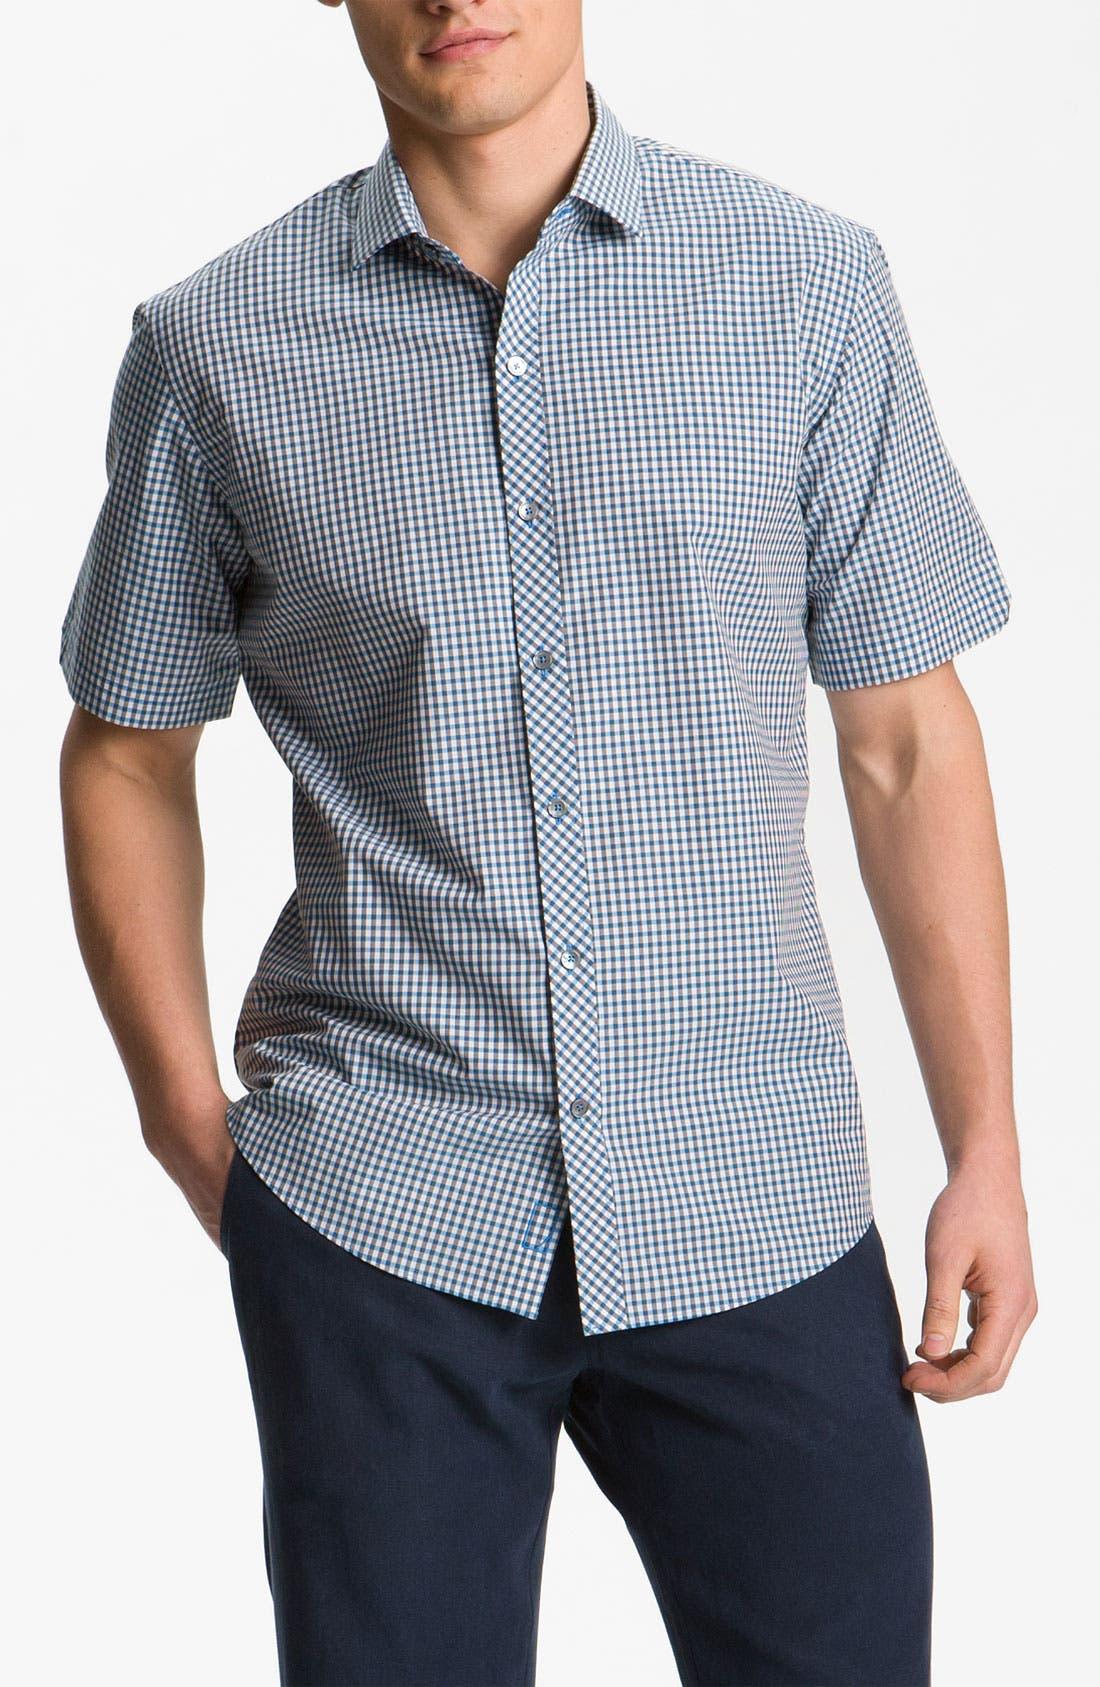 Alternate Image 1 Selected - Zachary Prell 'Vasco' Sport Shirt